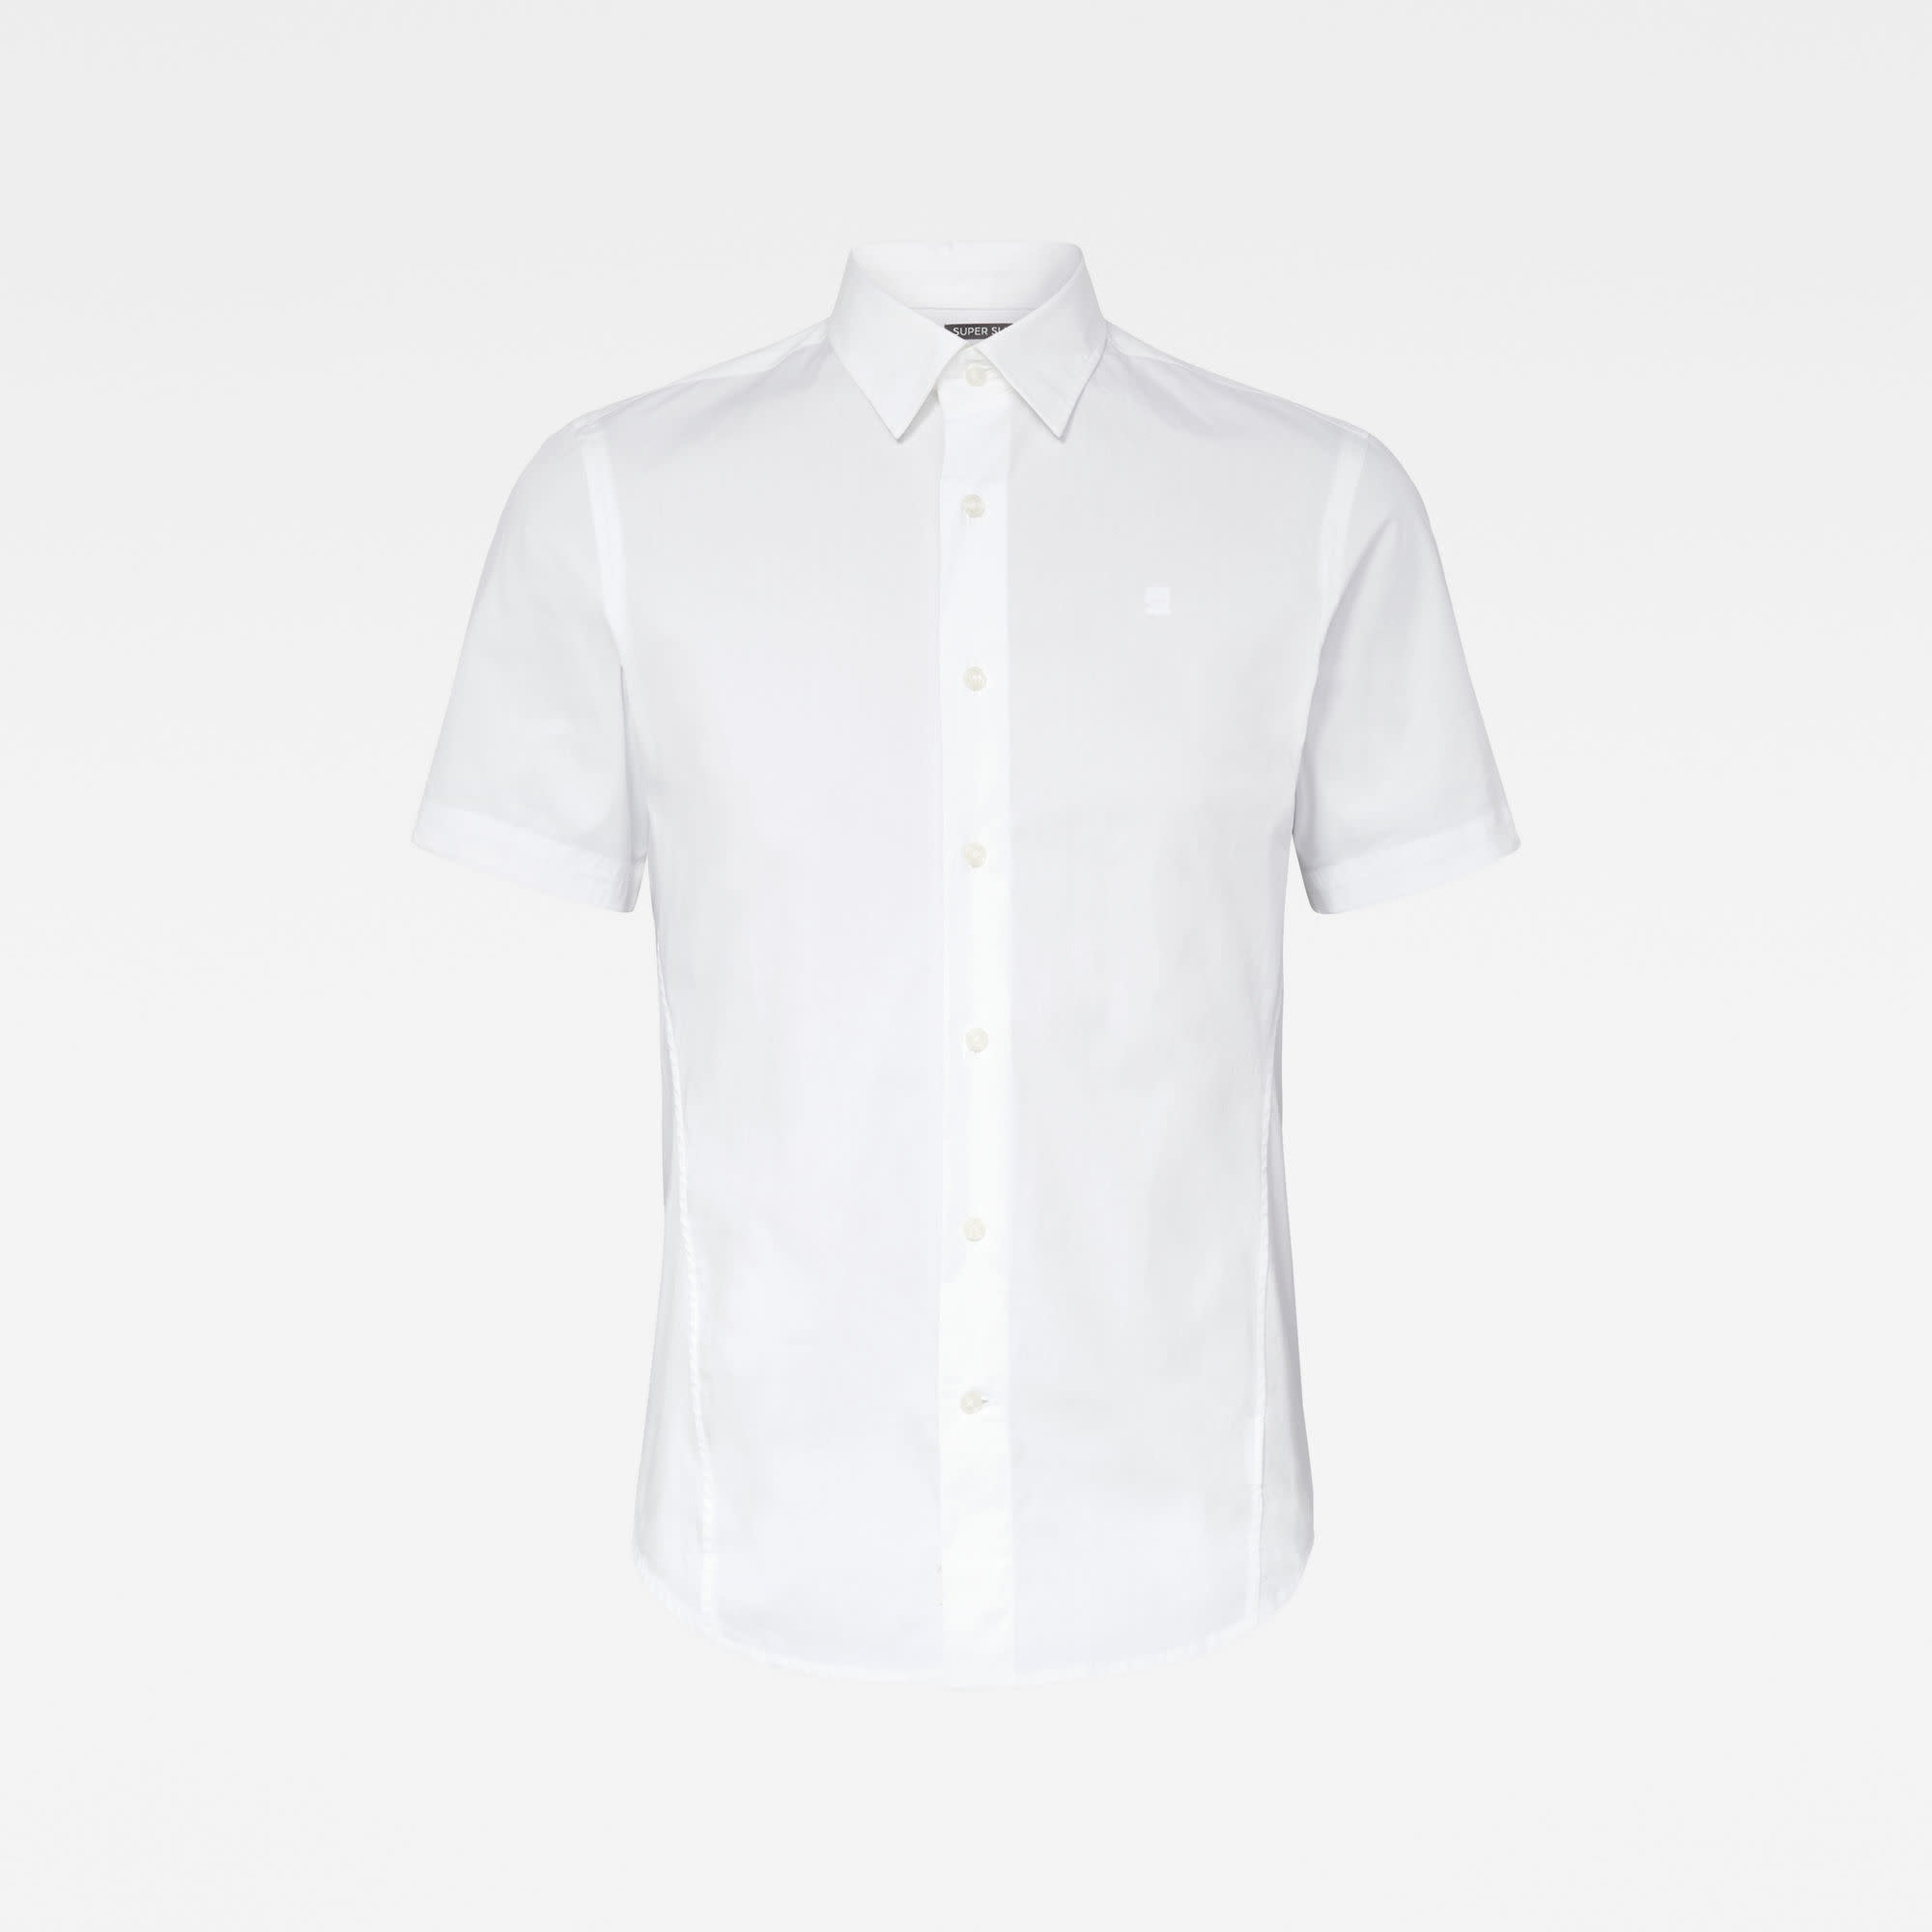 G-Star G-Star Dressed super Slim S/S C271-110 White